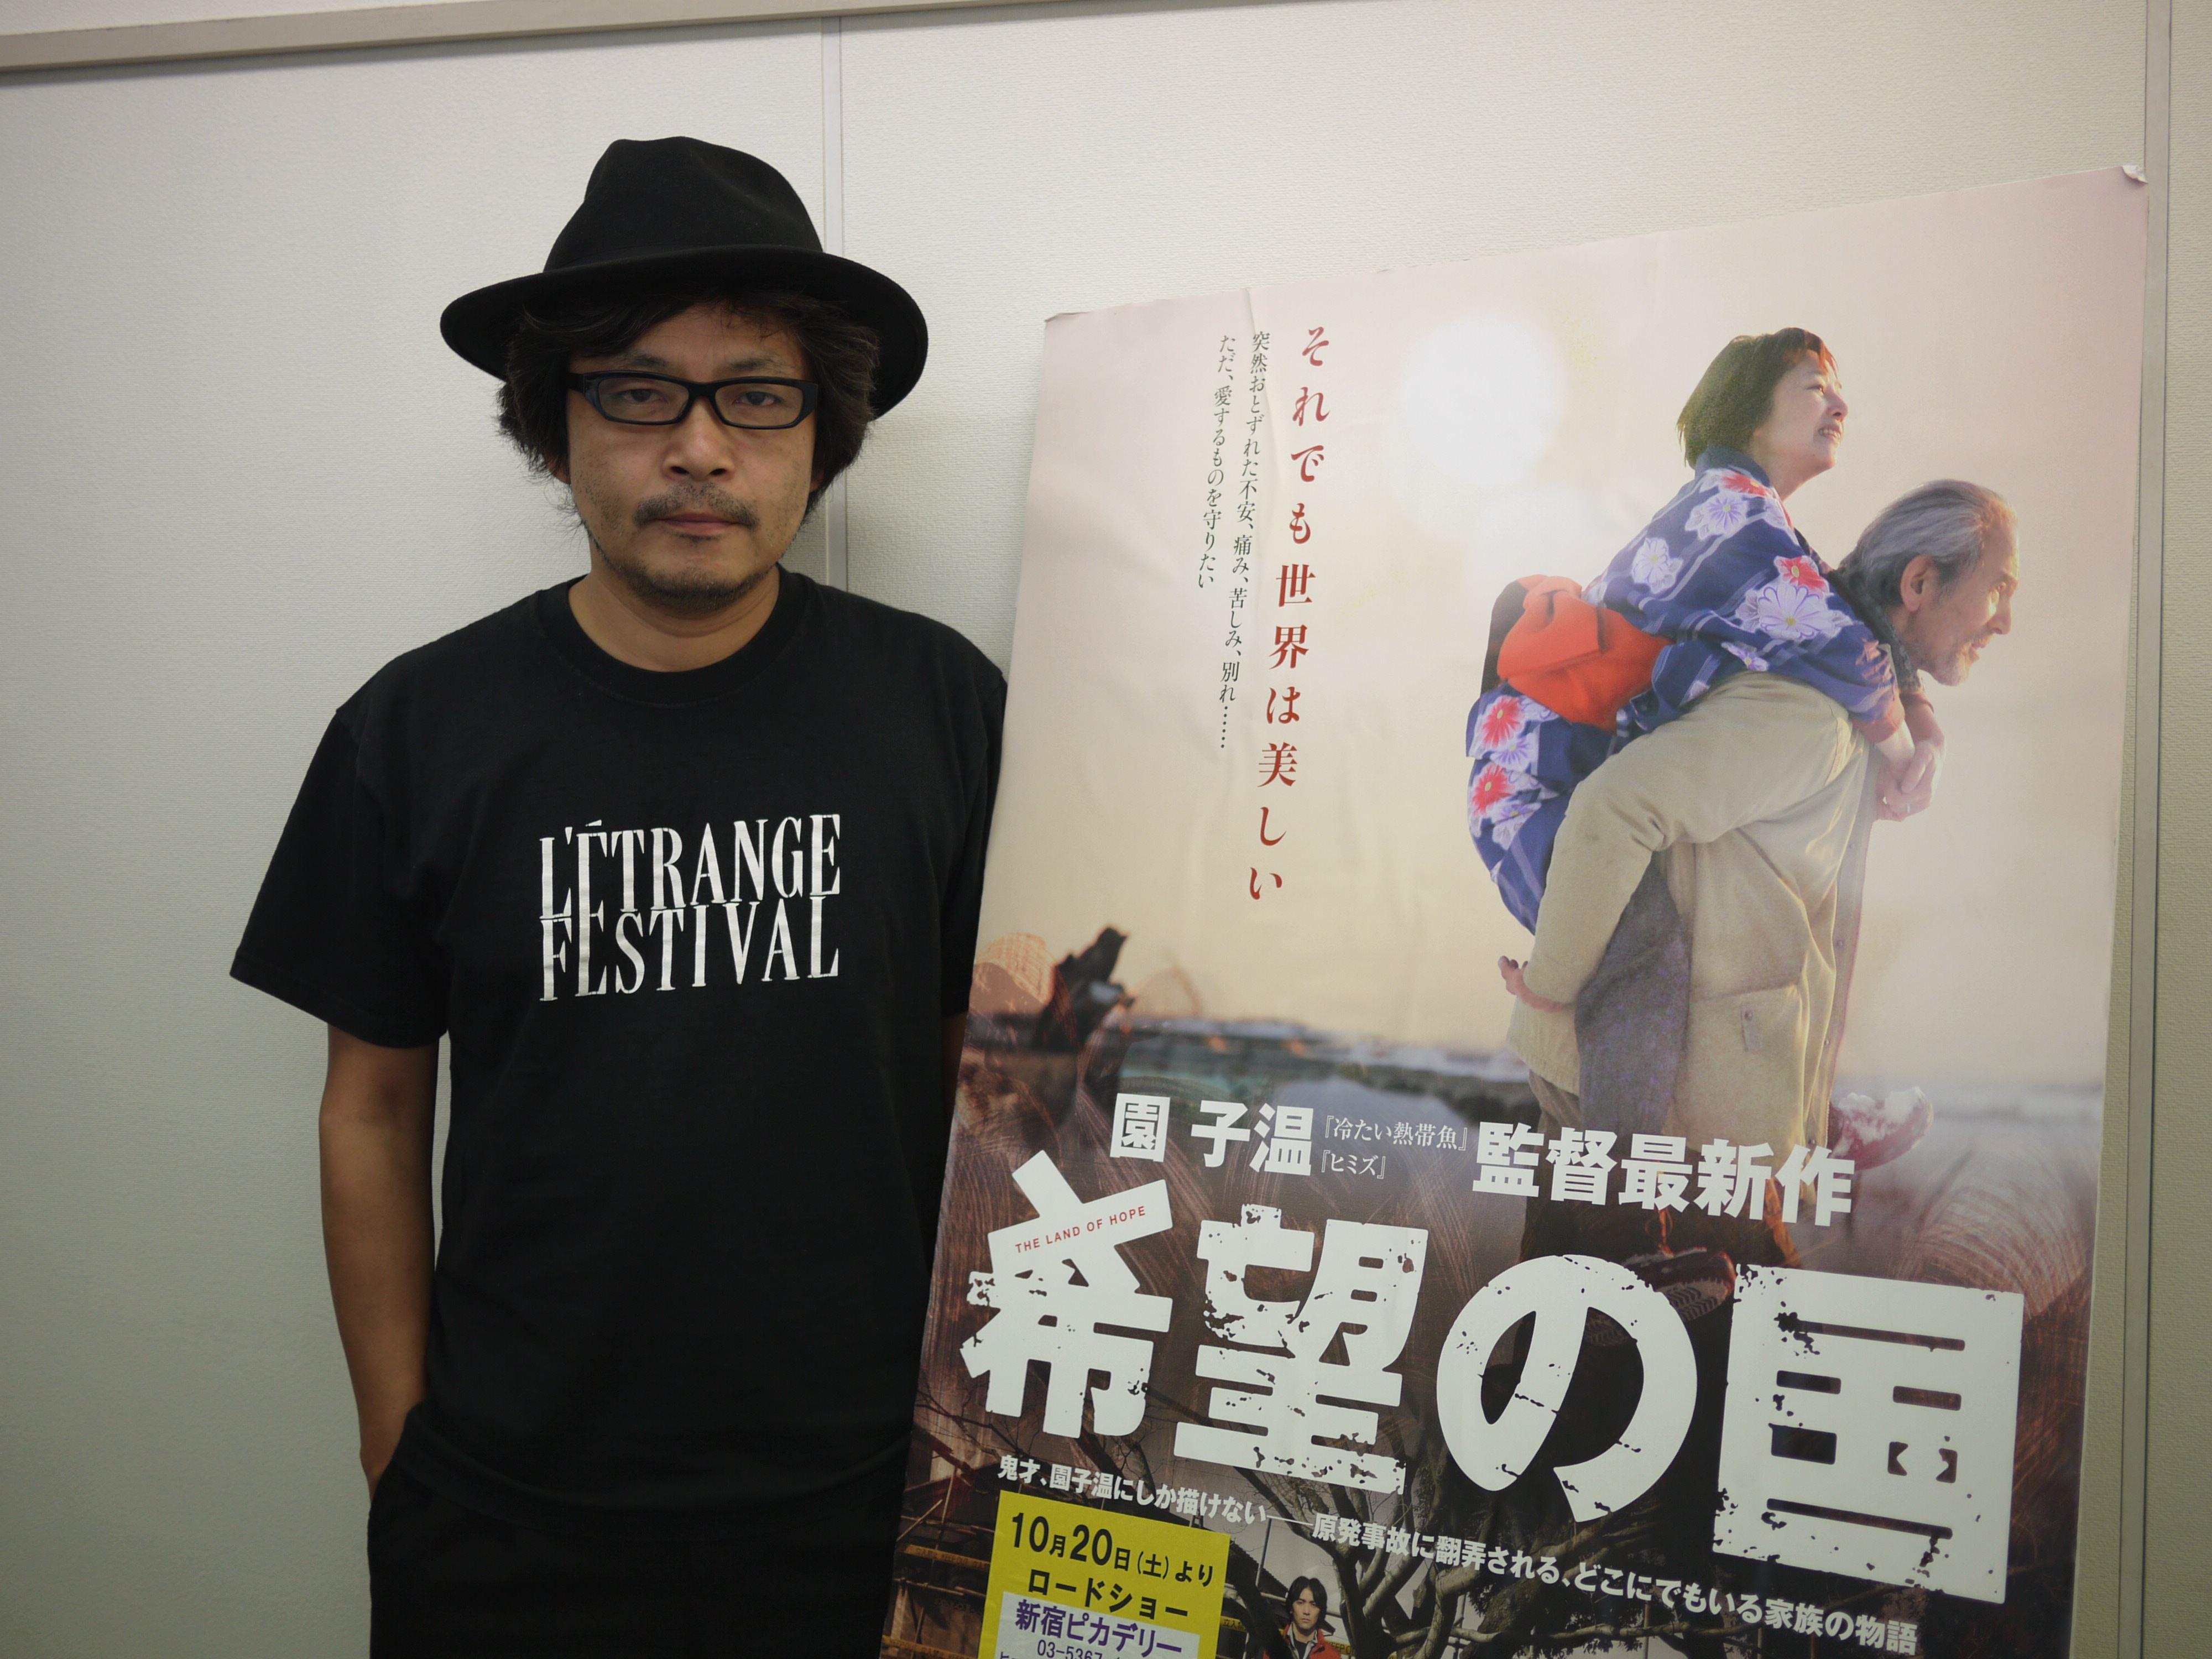 希望の国』園子温監督インタビュ...